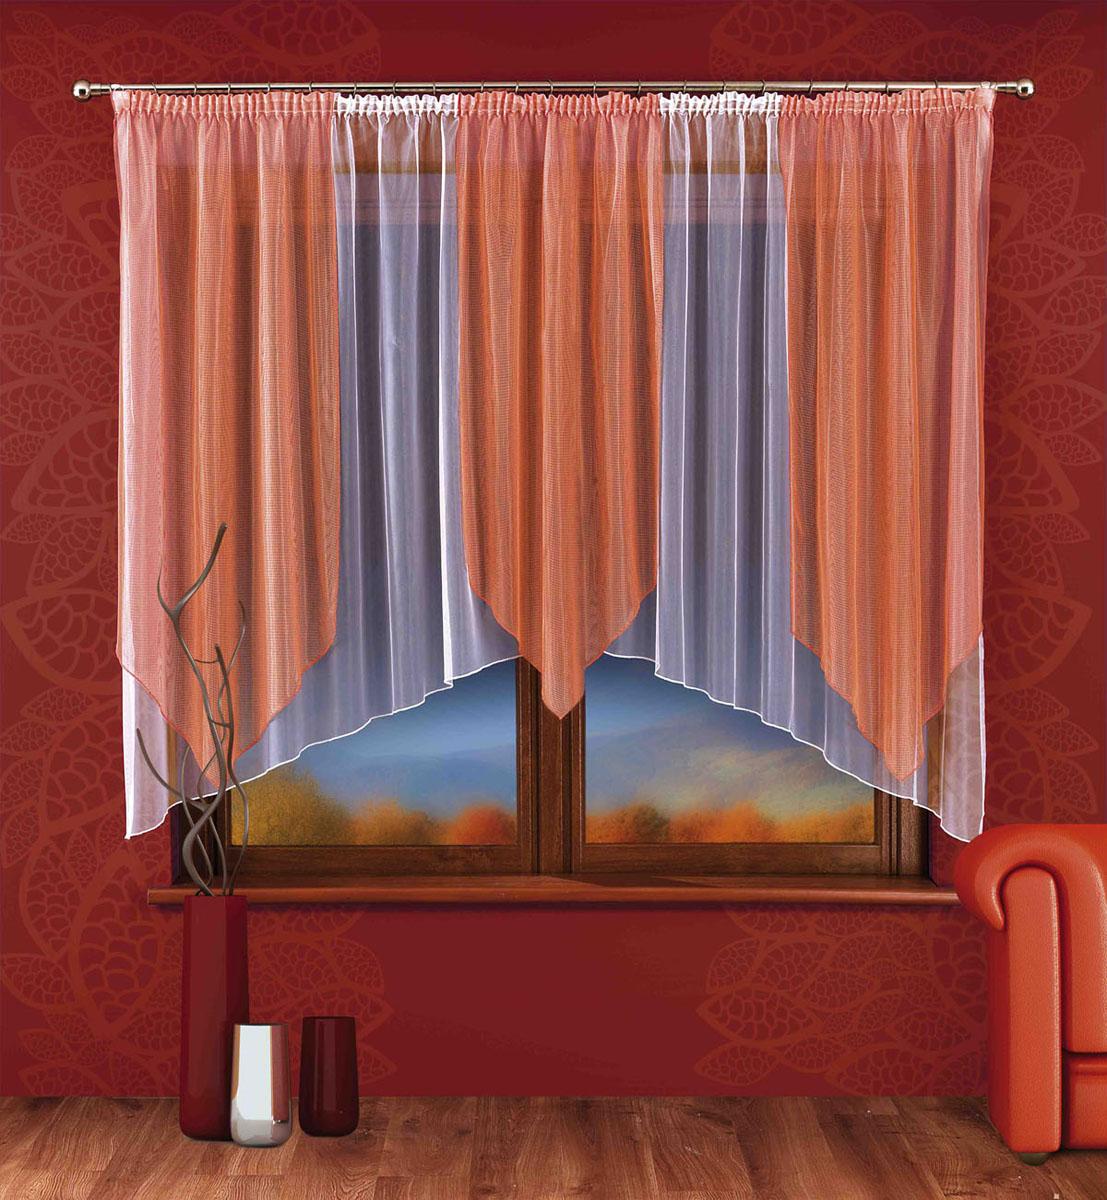 Гардина Pamela, на ленте, цвет: белый, оранжевый, высота 170 см745692Легкая гардина Pamela, изготовленная из полиэстера белого и оранжевого цветов, станет великолепным украшением любого окна. Тонкое плетение, оригинальный принт, приятная цветовая гамма привлекут к себе внимание и органично впишутся в интерьер комнаты. В гардину вшита шторная лента для собирания в сборки. Характеристики:Материал: 100% полиэстер. Цвет: белый, оранжевый. Размер упаковки:25 см х 33 см х 6 см. Артикул: 745692.В комплект входит: Гардина - 1 шт. Размер (ШхВ): 250 см х 170 см. Фирма Wisan на польском рынке существует уже более пятидесяти лет и является одной из лучших польских фабрик по производству штор и тканей. Ассортимент фирмы представлен готовыми комплектами штор для гостиной, детской, кухни, а также текстилем для кухни (скатерти, салфетки, дорожки, кухонные занавески). Модельный ряд отличает оригинальный дизайн, высокое качество.Ассортимент продукции постоянно пополняется.УВАЖАЕМЫЕ КЛИЕНТЫ!Обращаем ваше внимание на цвет изделия. Цветовой вариант комплекта, данного в интерьере, служит для визуального восприятия товара. Цветовая гамма данного комплекта представлена на отдельном изображении фрагментом ткани.